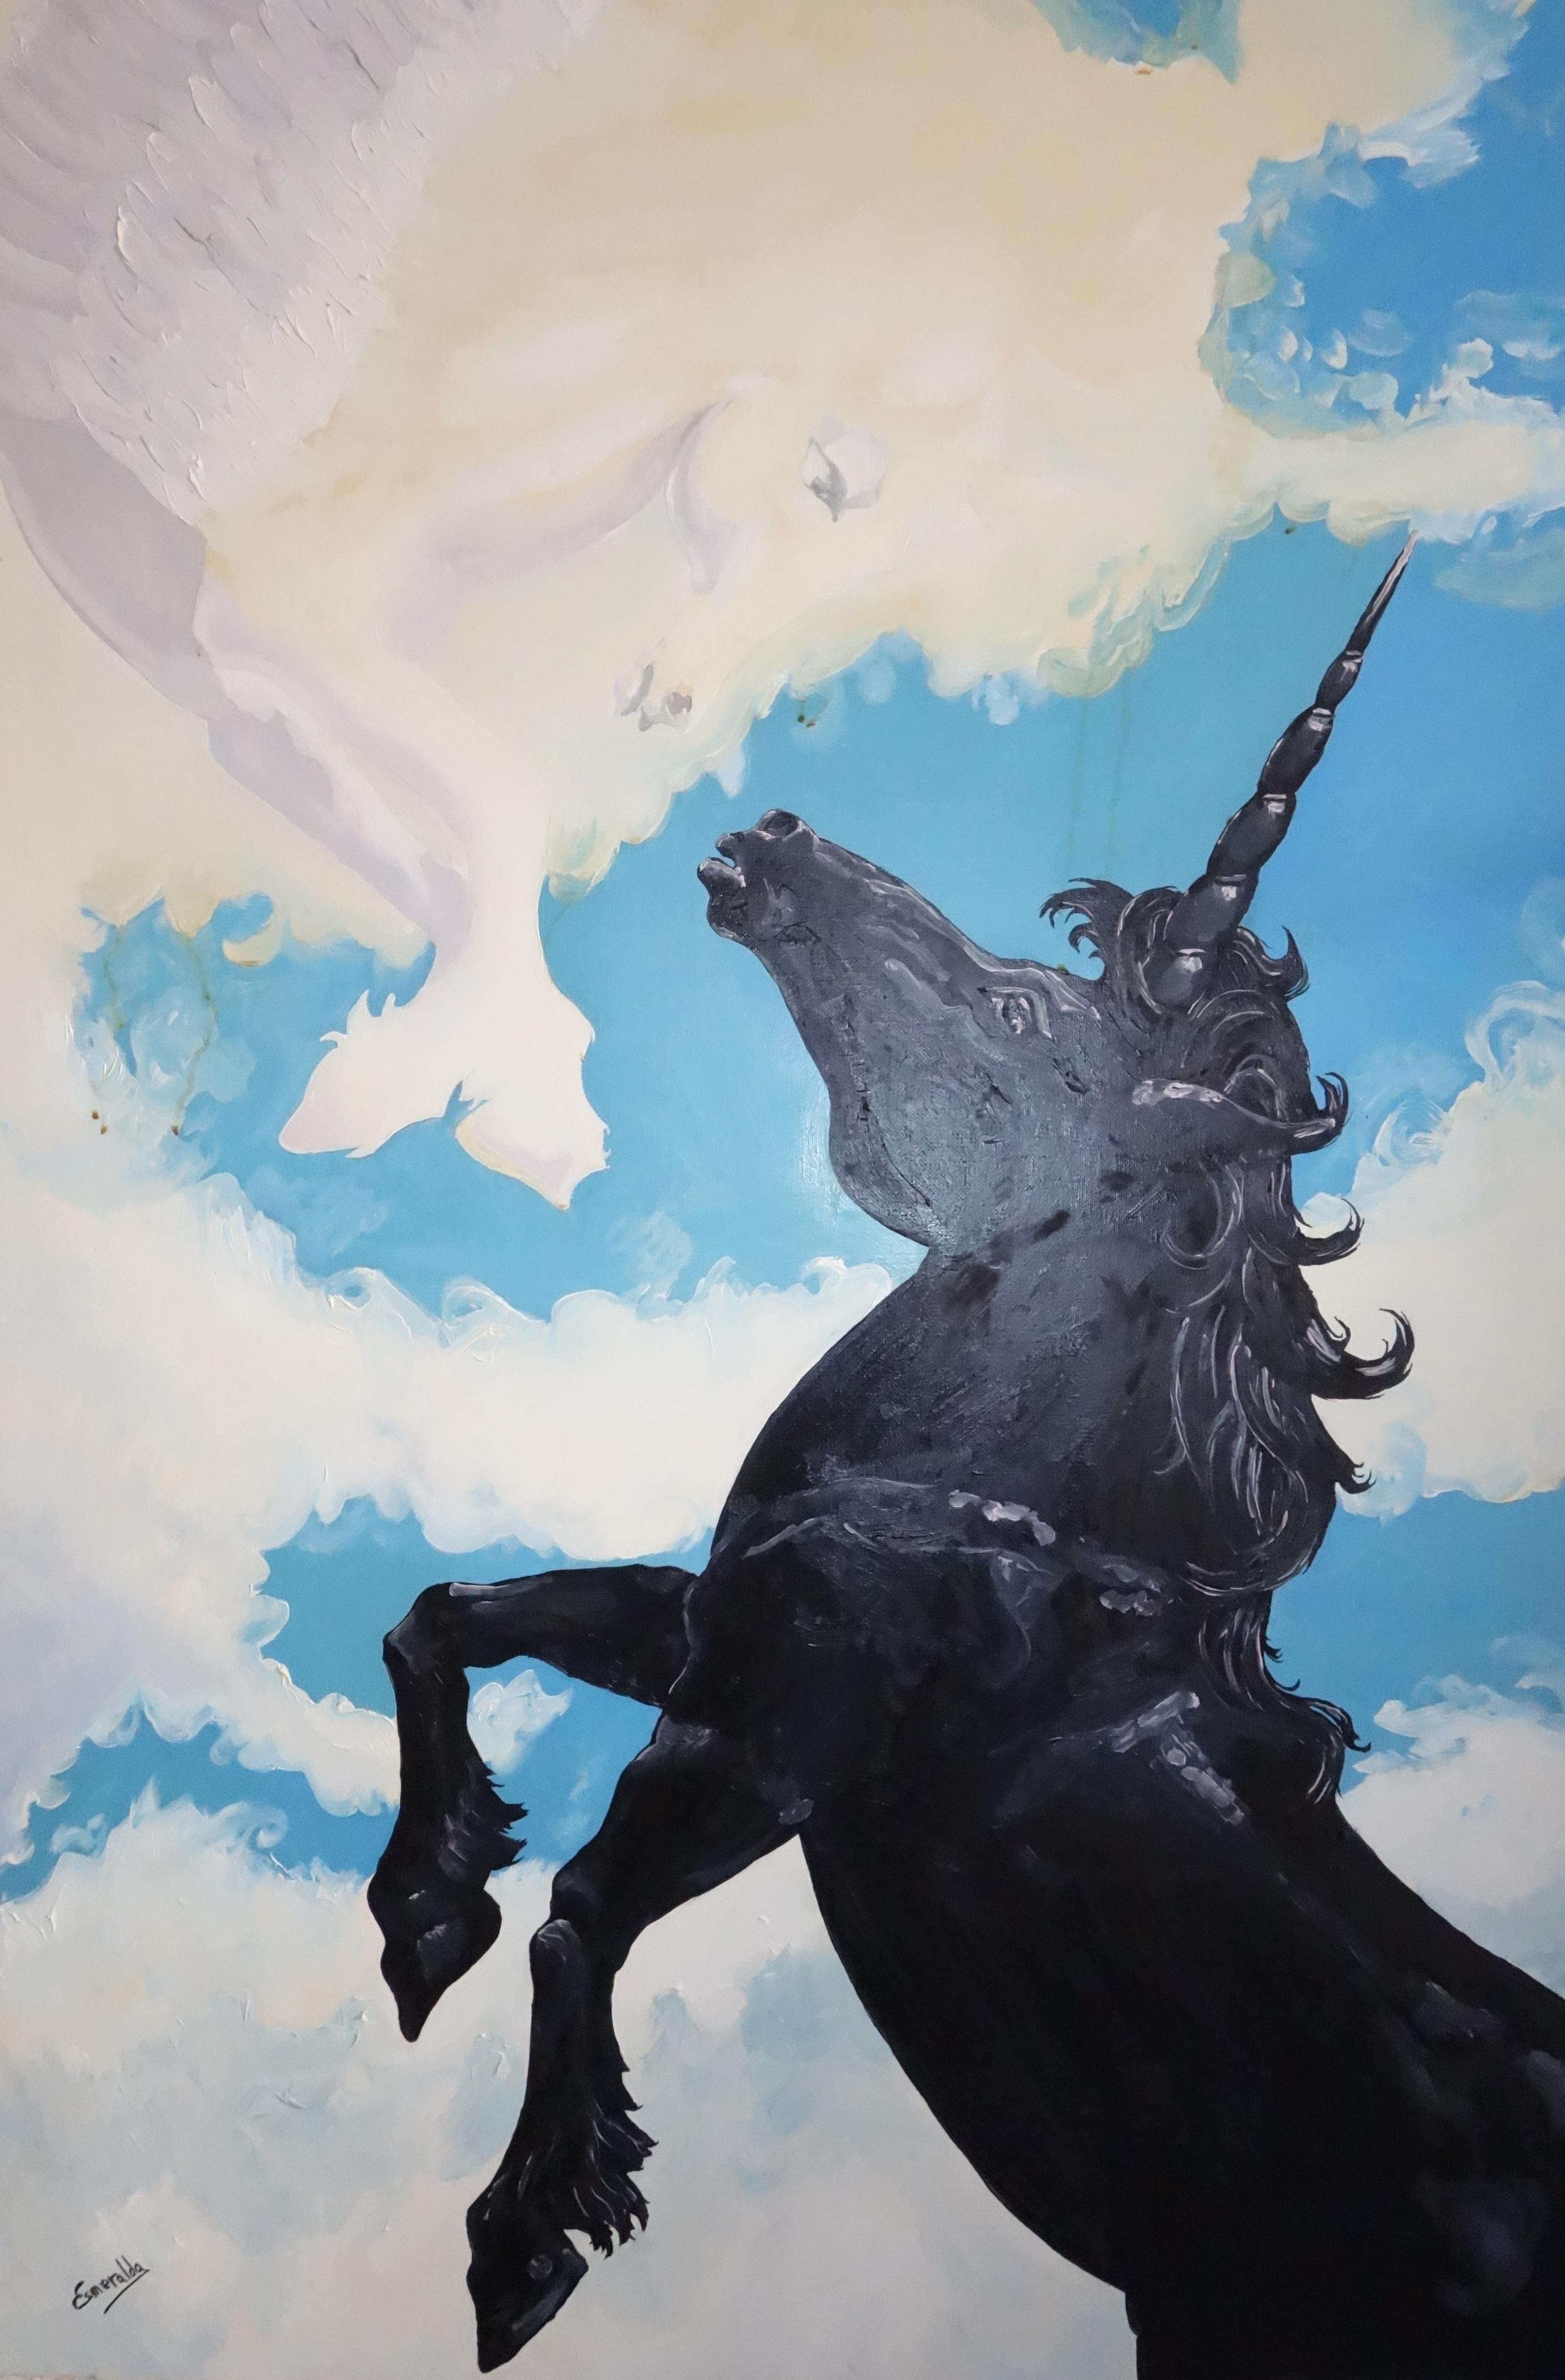 Óleo sobre lienzo 65 x 100 cm. Inspirada en pintura de artista desconocido. Pintada por Esmeralda en 2006 bajo el título Amor Posible